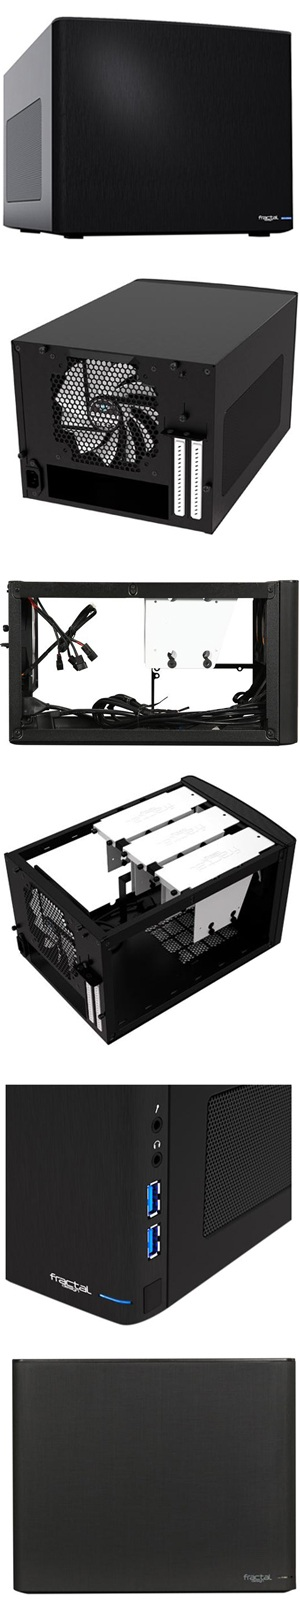 Fractal Design Node 304 Black Aluminum//Steel Mini-ITX Small Form Factor Computer